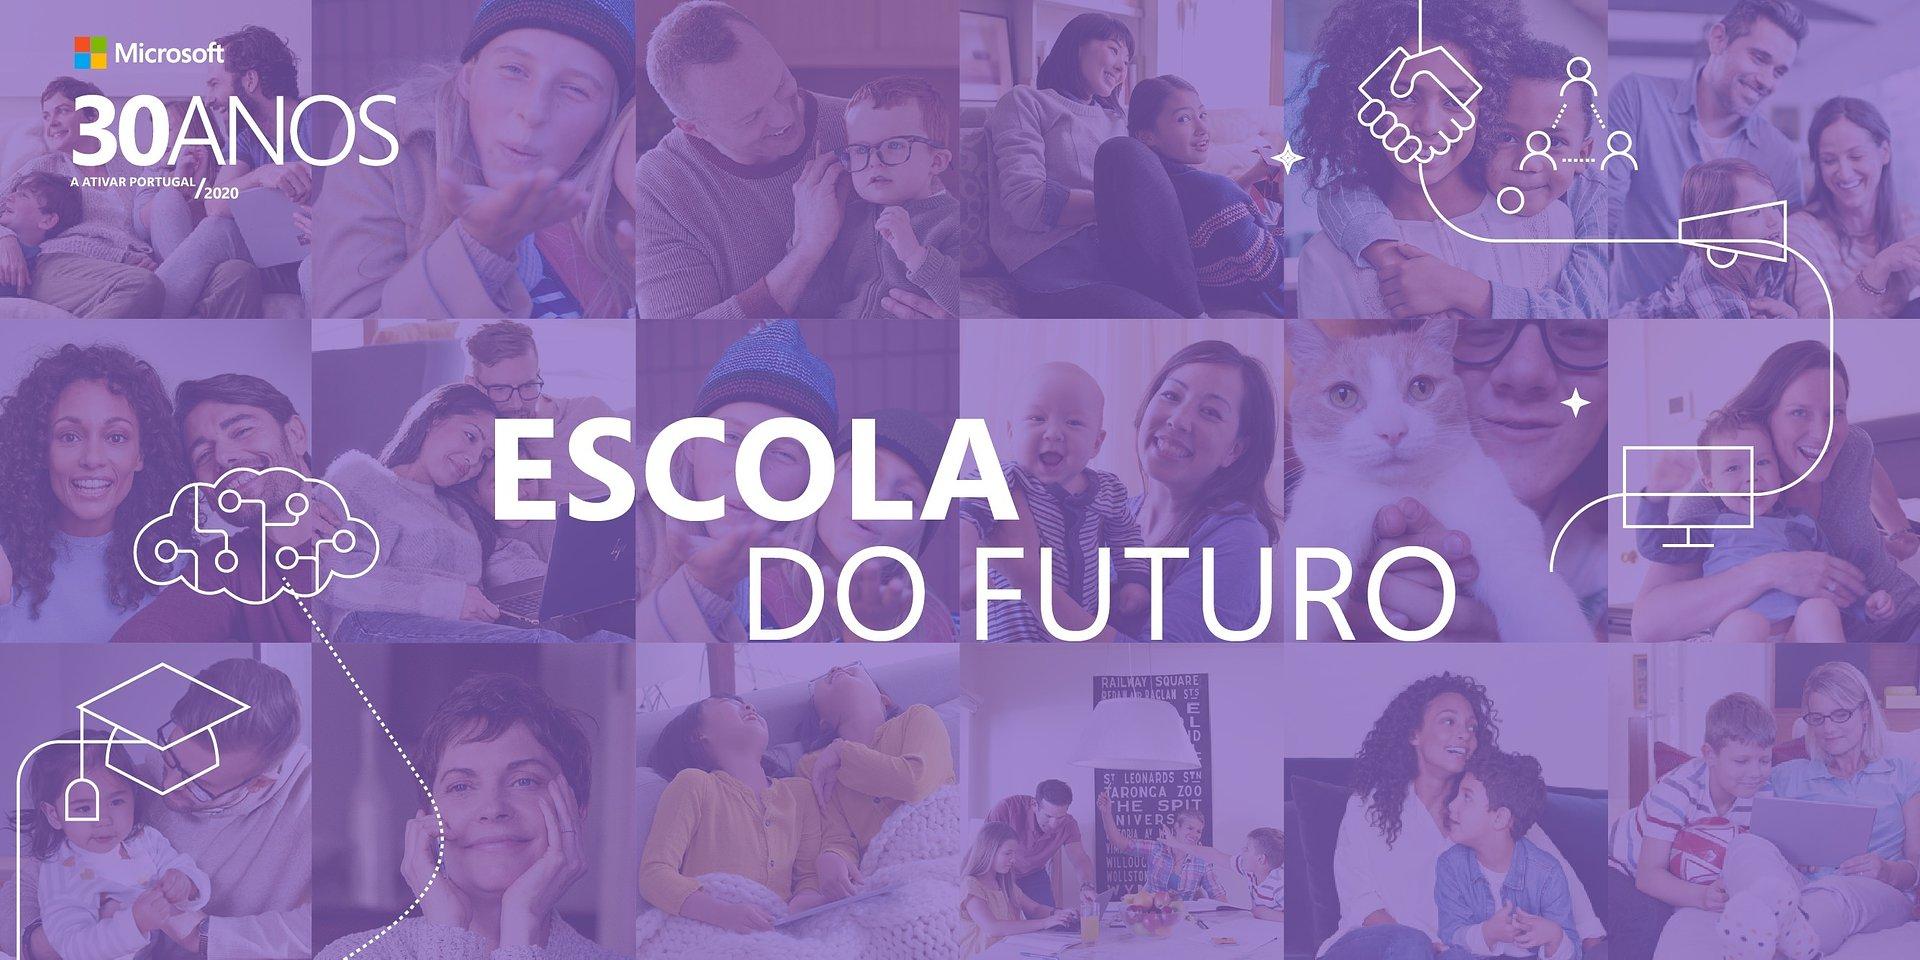 """Microsoft anuncia vencedores do concurso """"Escola do Futuro"""""""